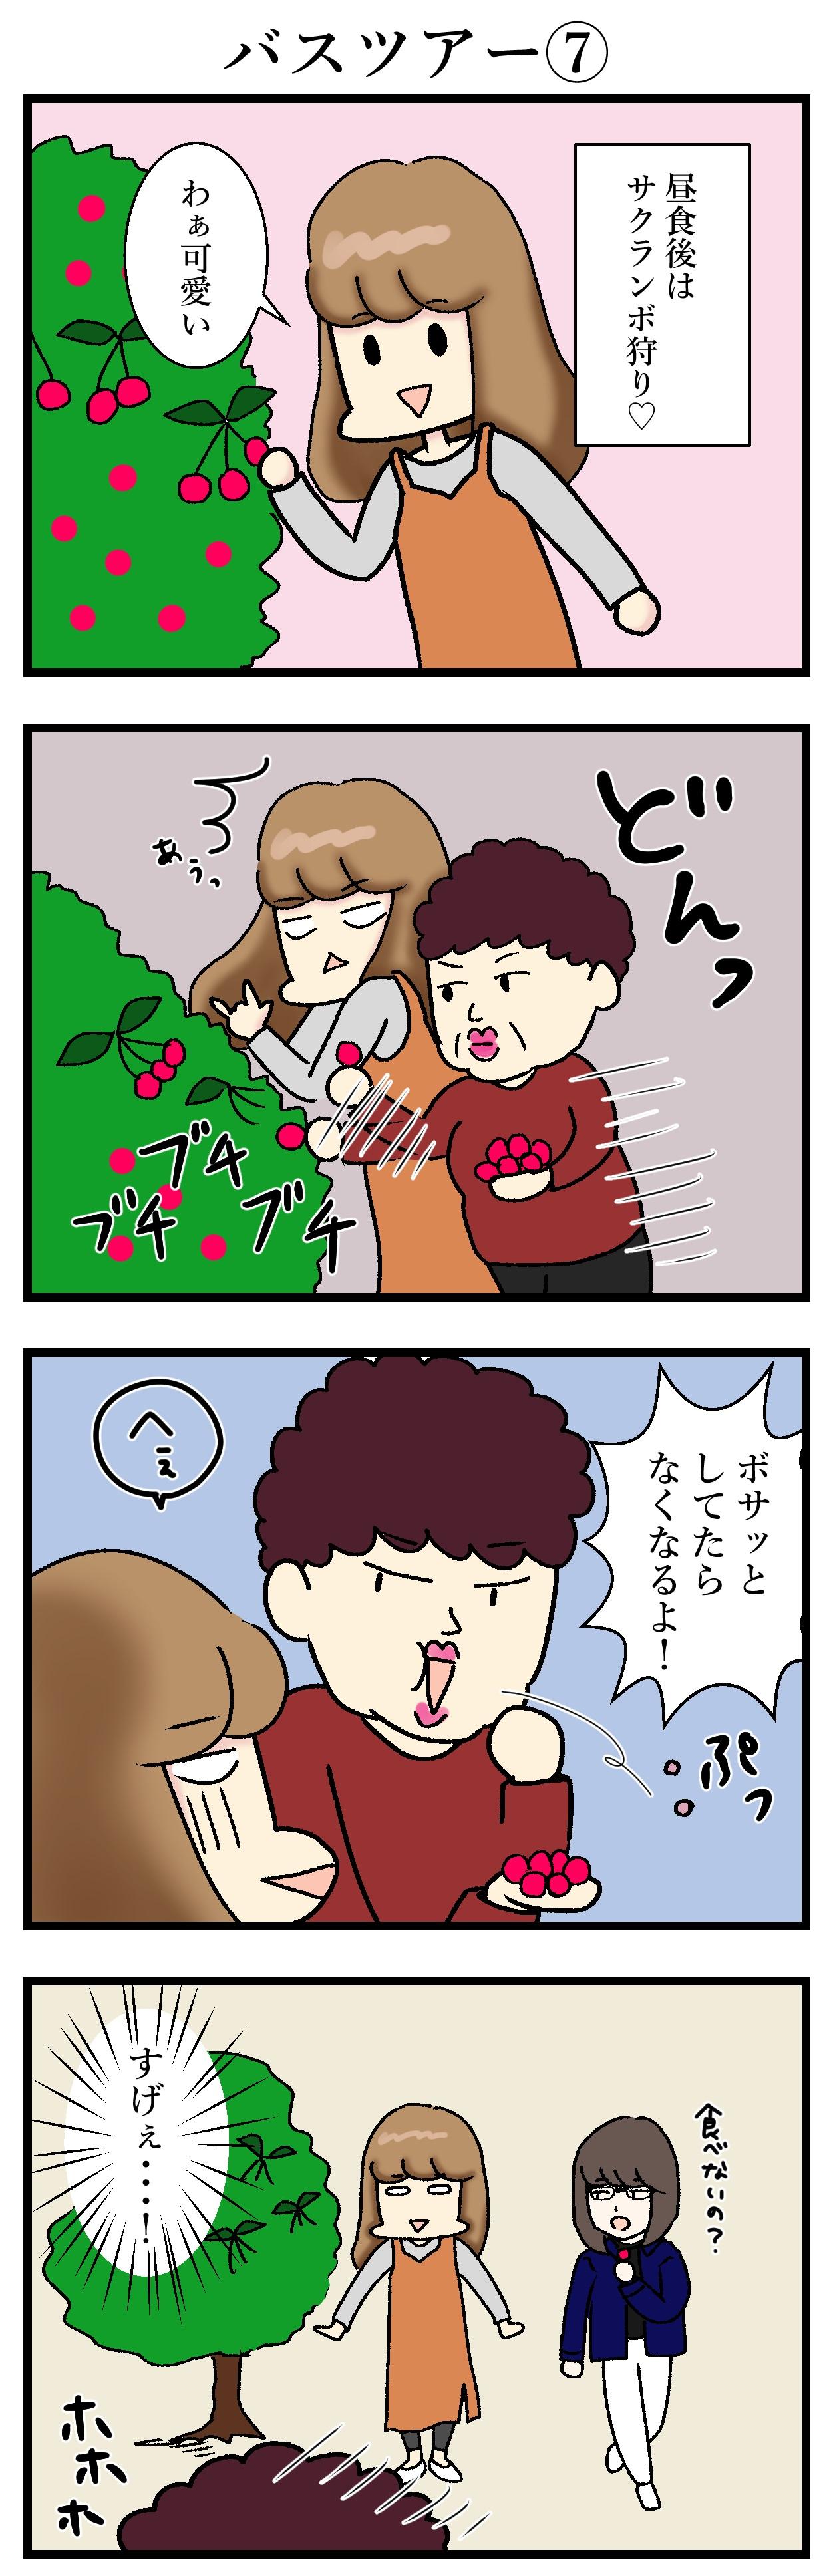 【エッセイ漫画】アラサー主婦くま子のふがいない日常(60)